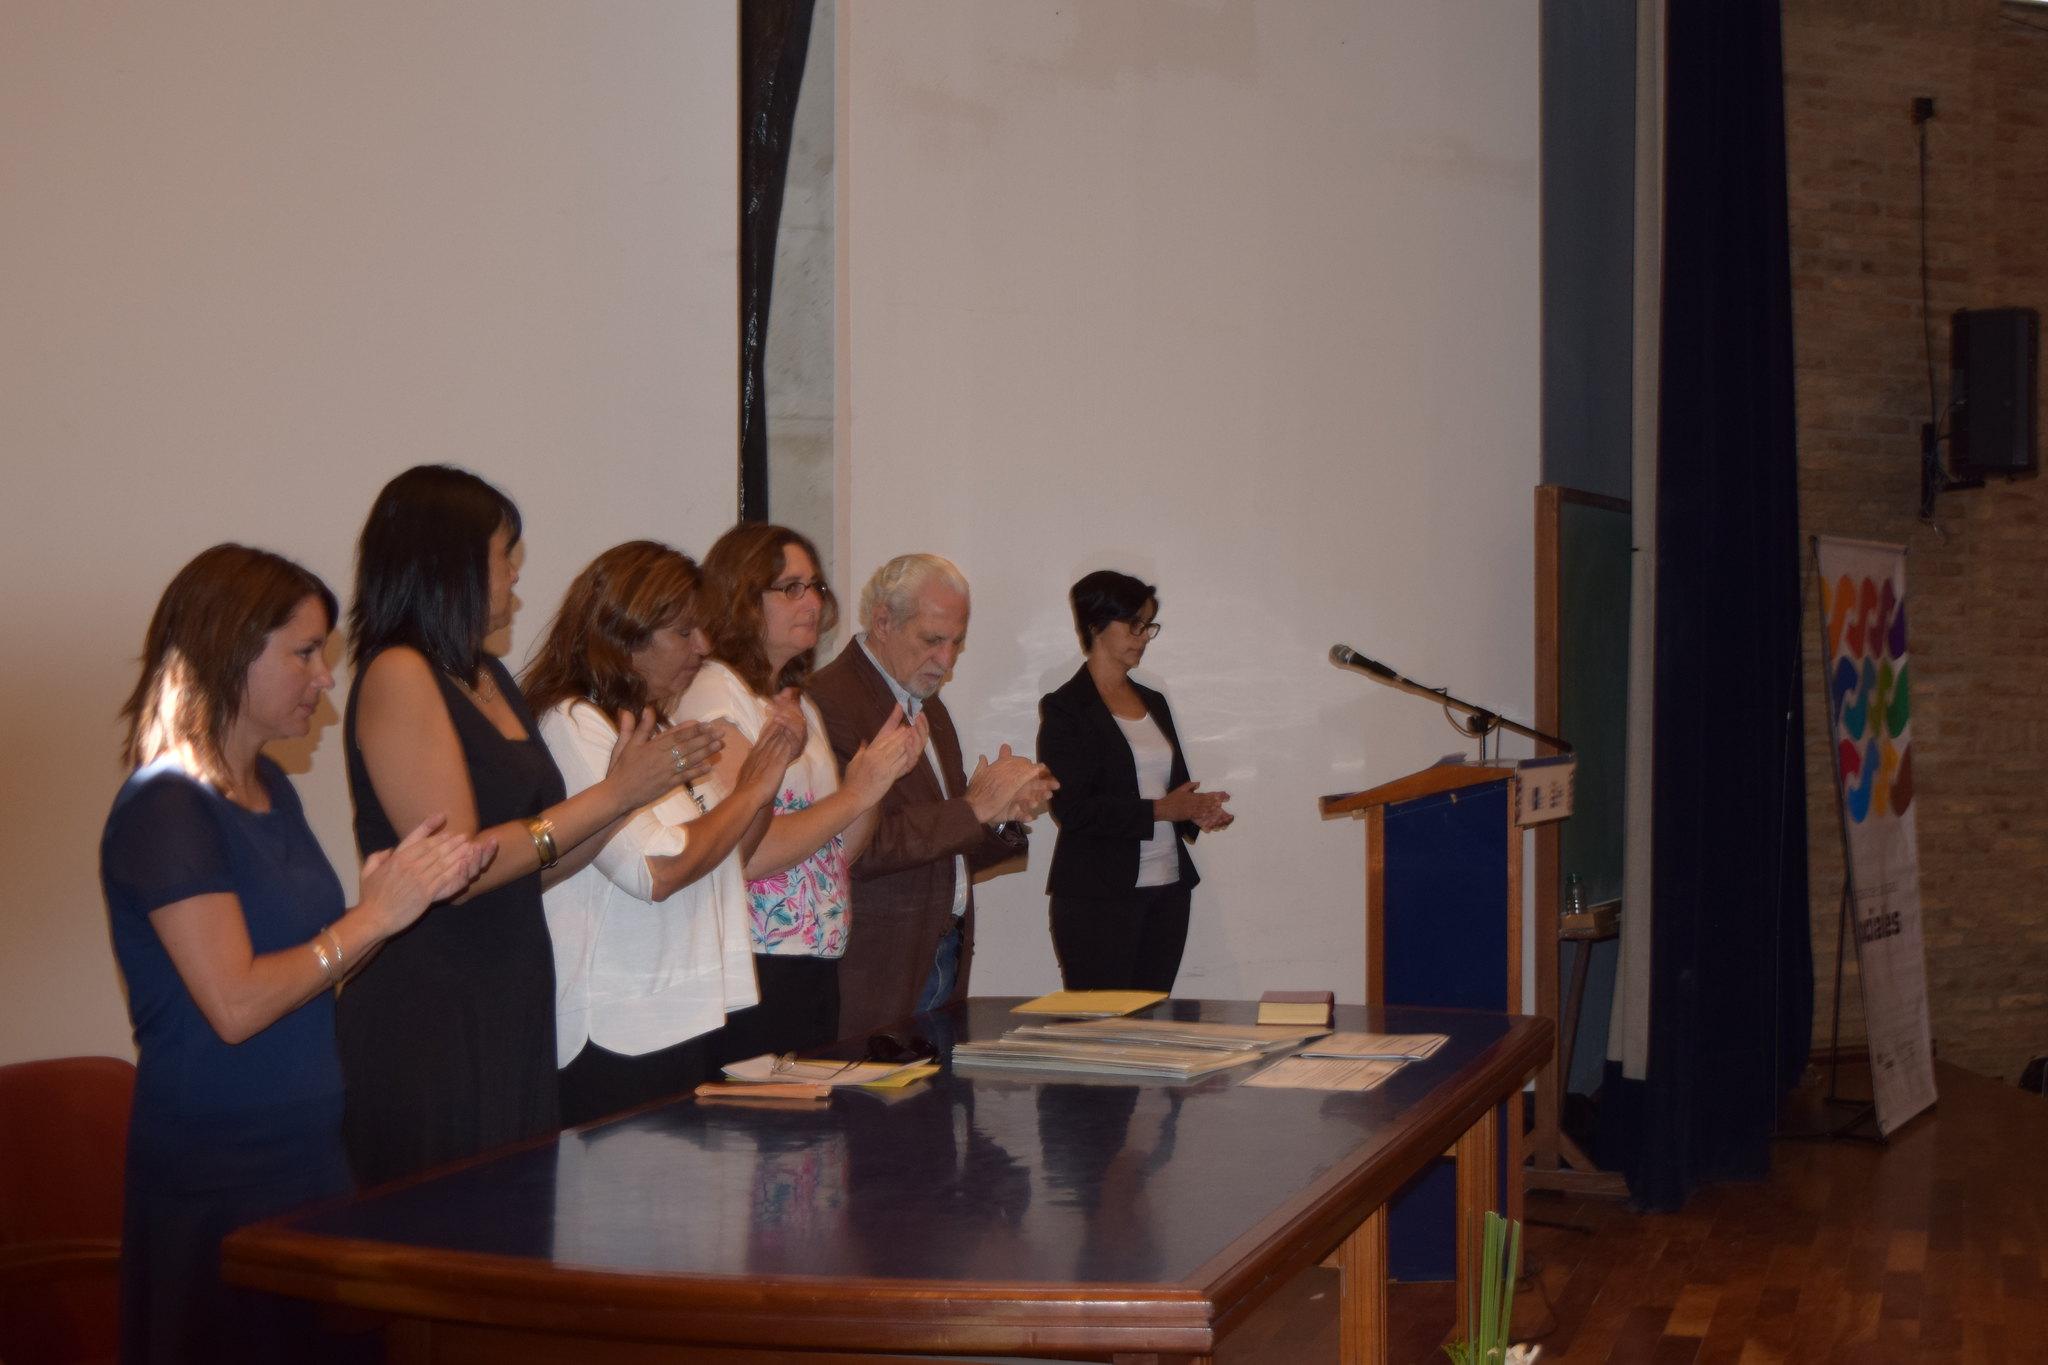 Egresados por Posgrado recibieron sus diplomas de la Facultad de Ciencias Sociales